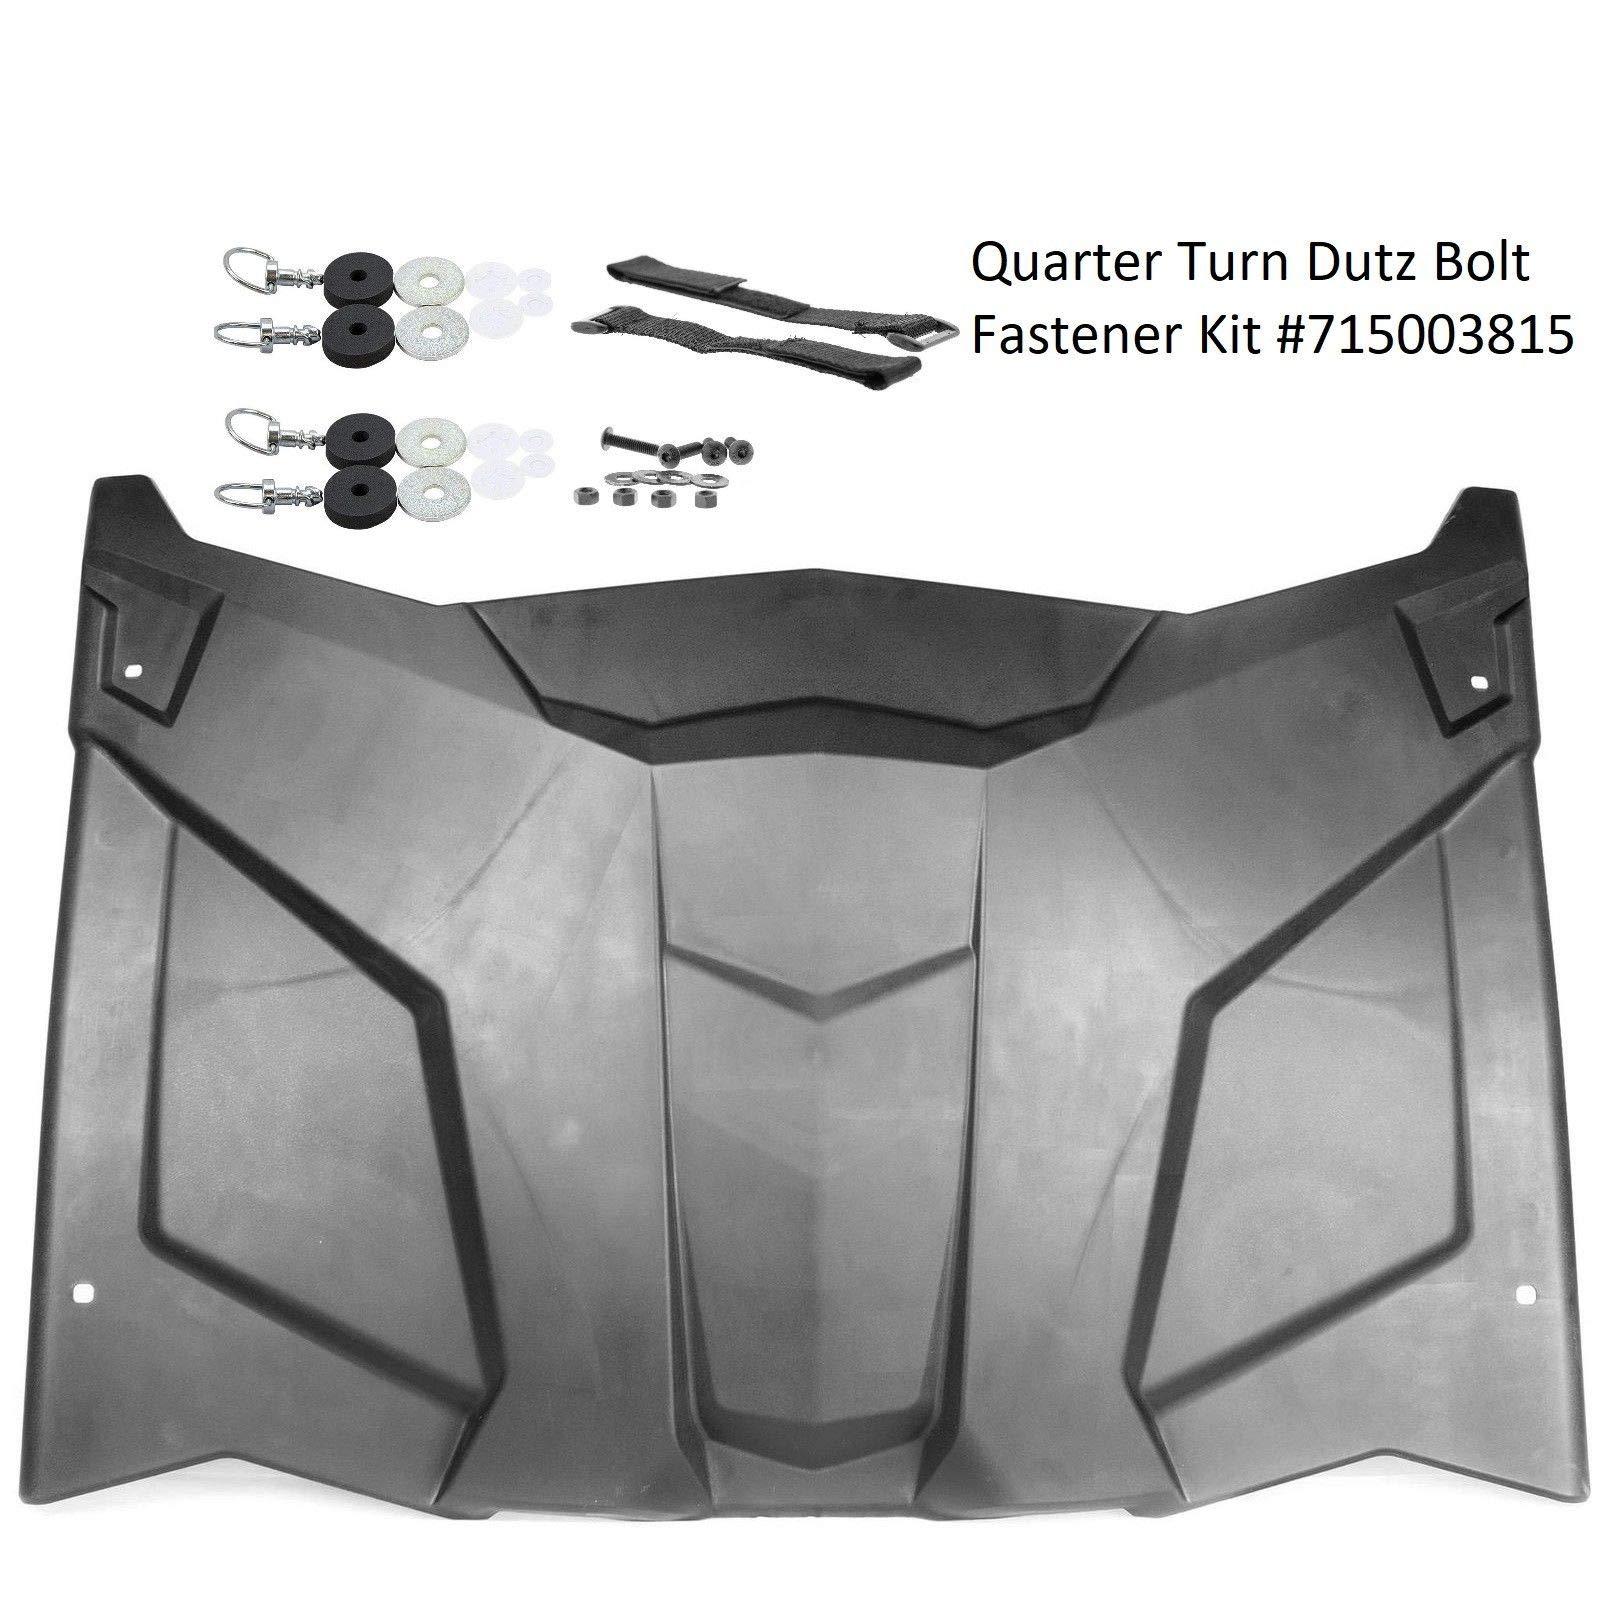 Mutazu Polypropylene Sport Roof for Can Am Maverick X3 & Hardware kit #715003815 (X3 roof #2) by Mutazu